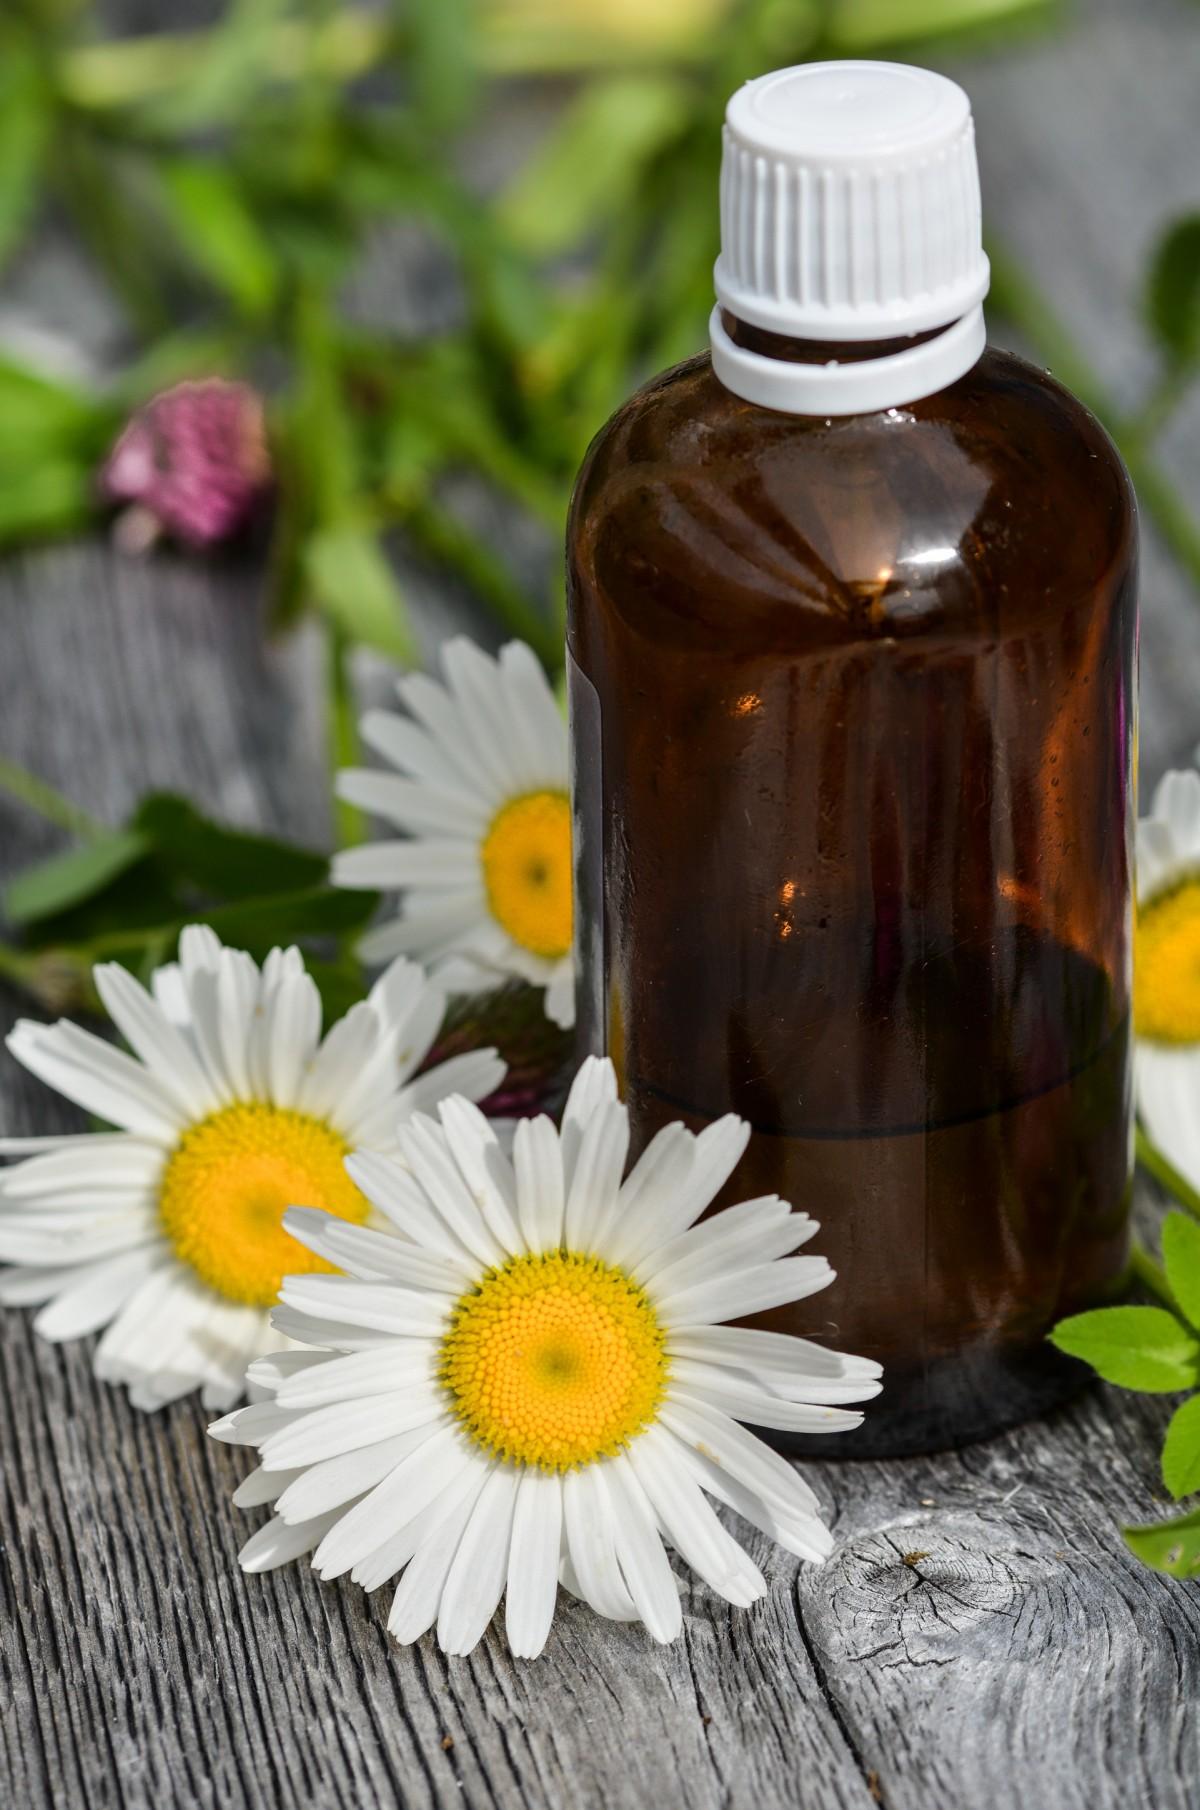 Les huiles essentielles, une source de bien-être au naturel